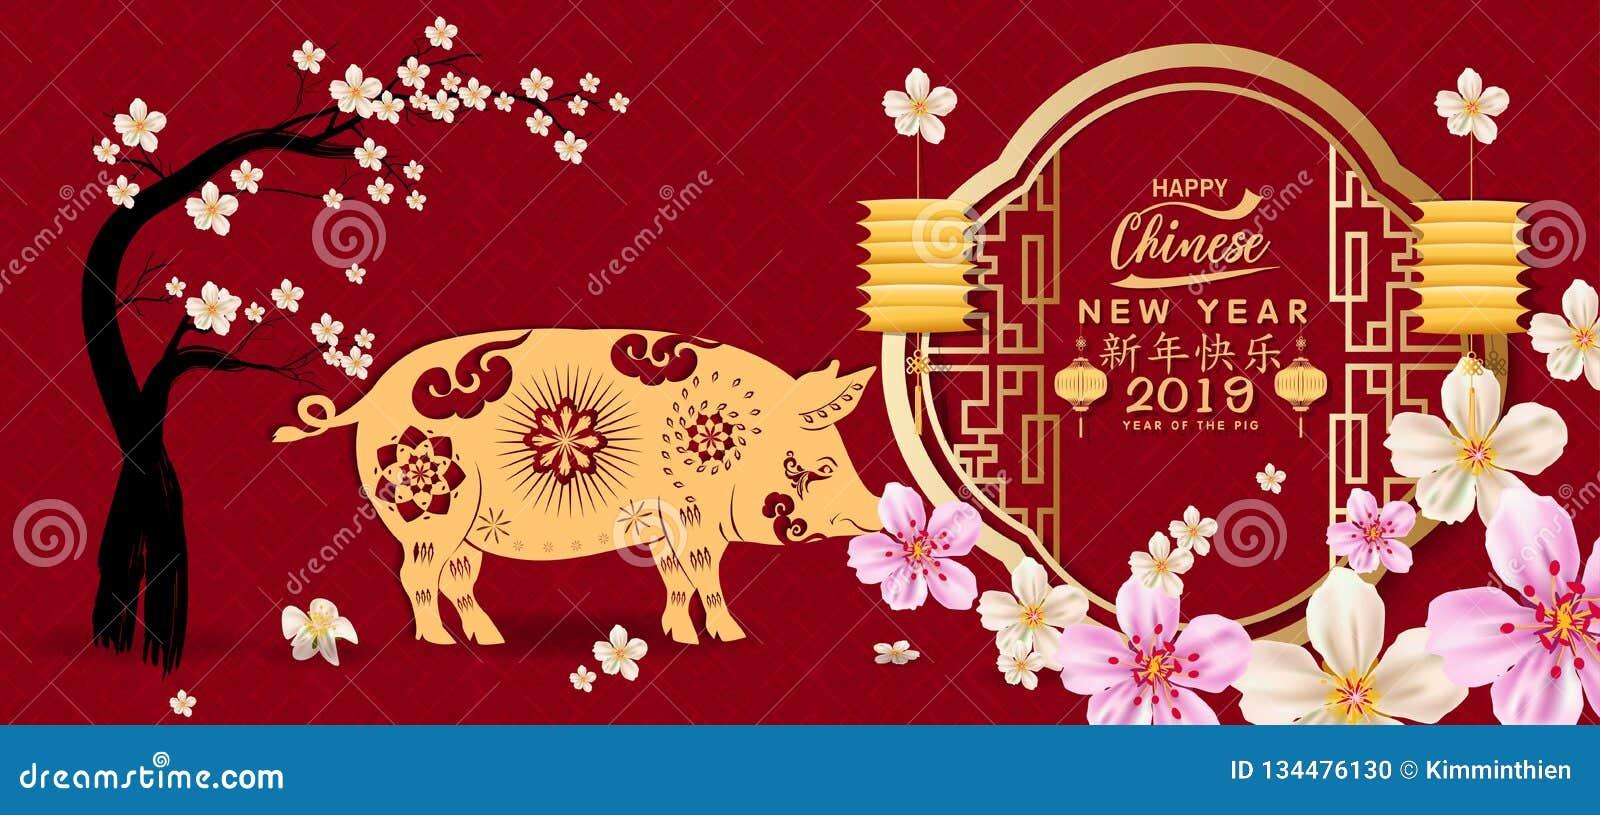 Vastgesteld Banner Gelukkig Chinees Nieuwjaar 2019, Jaar van het Varken maan nieuw jaar De Chinese karakters bedoelen Gelukkig Ni